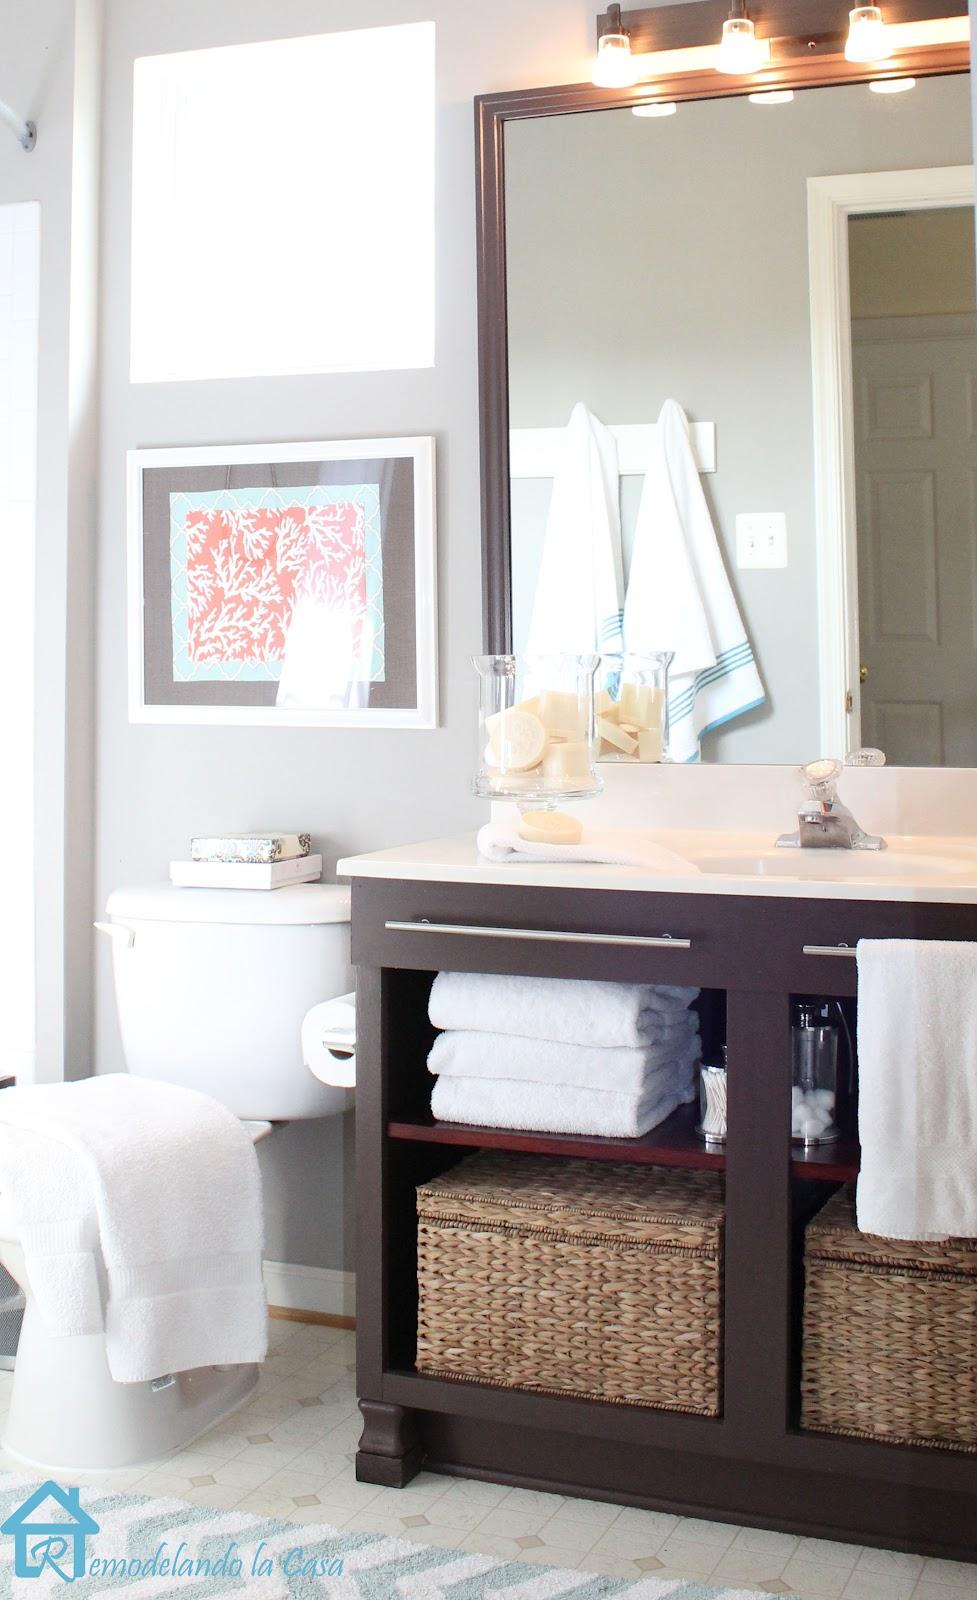 Remodelando la Casa: Bathroom Makeover